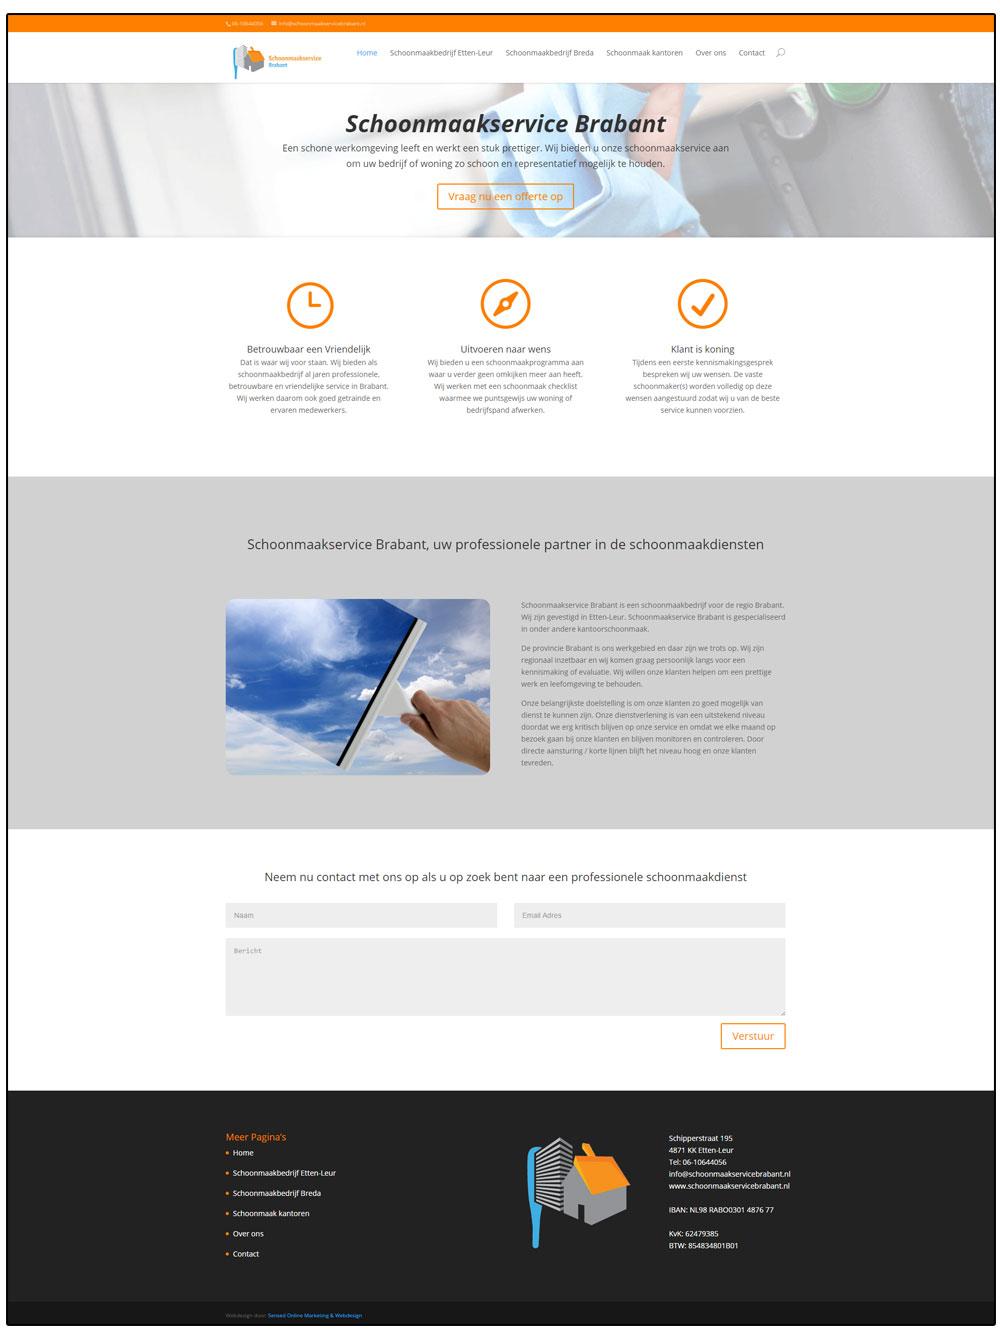 Schoonmaakservicebrabant webdesign